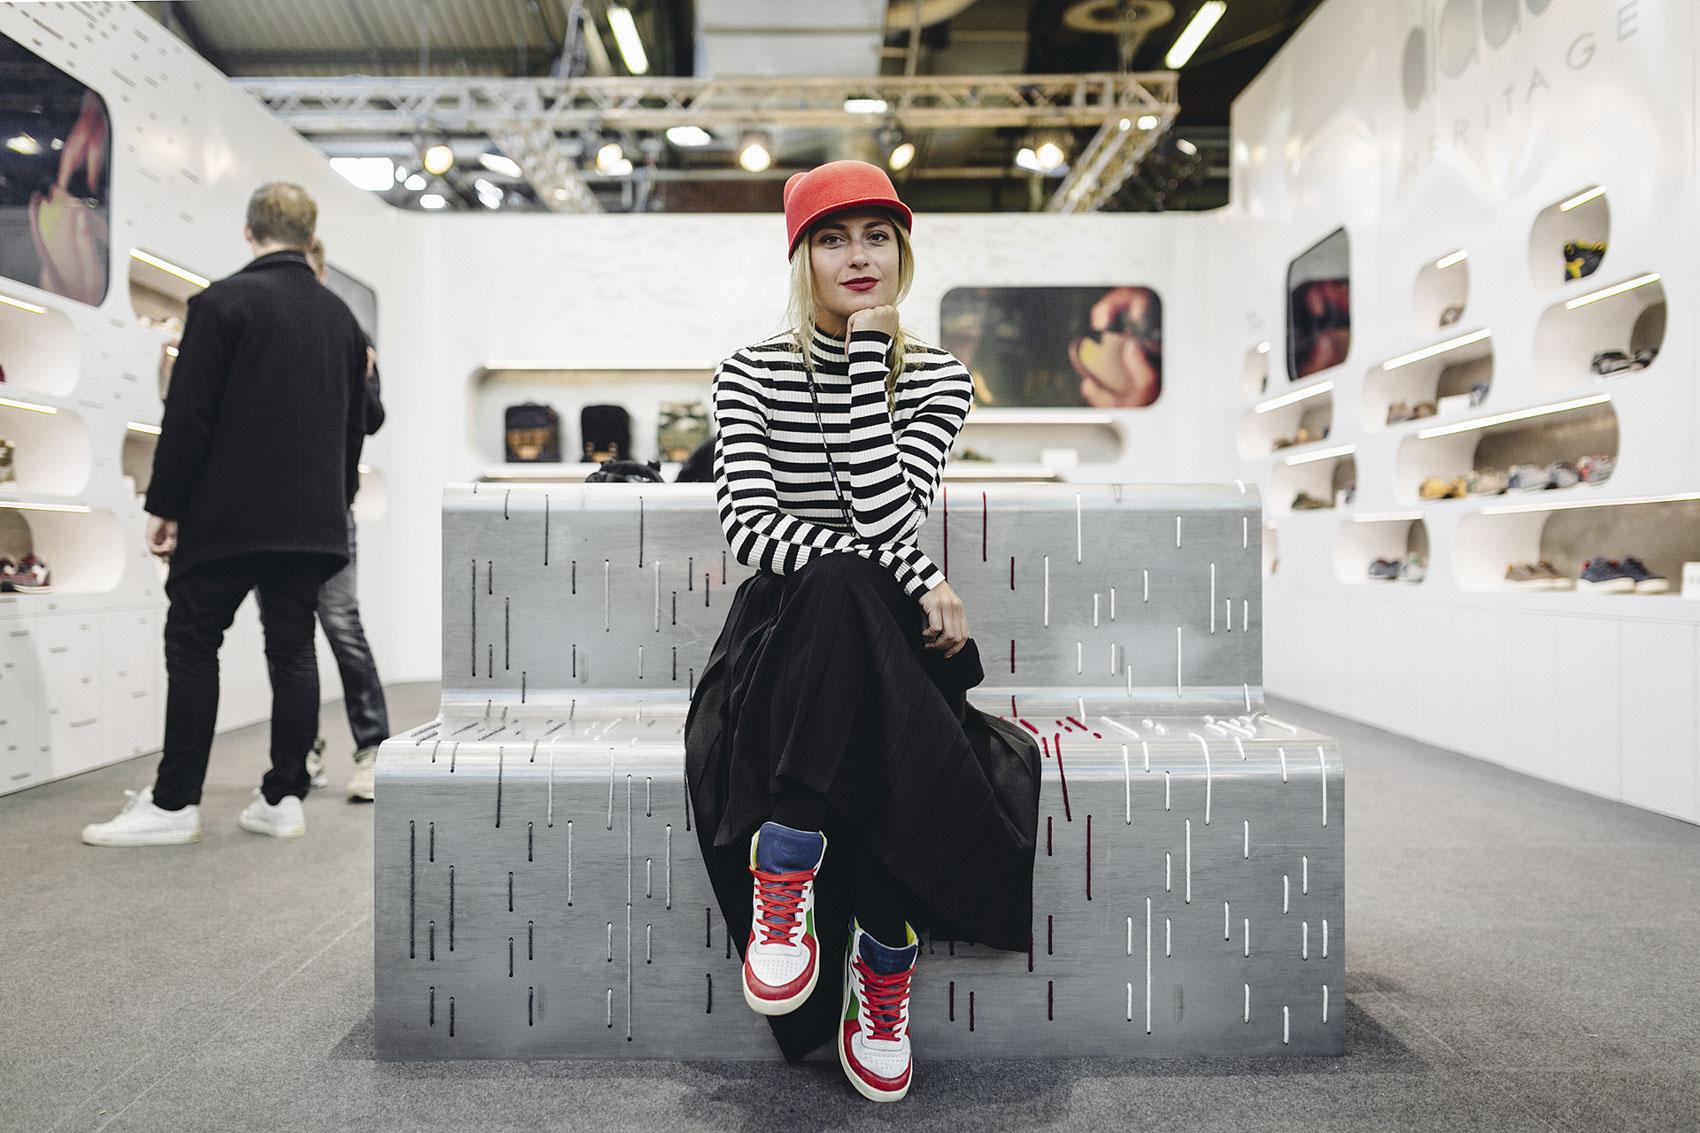 Referenzen Eventfotografie: Modemesse PREMIUM